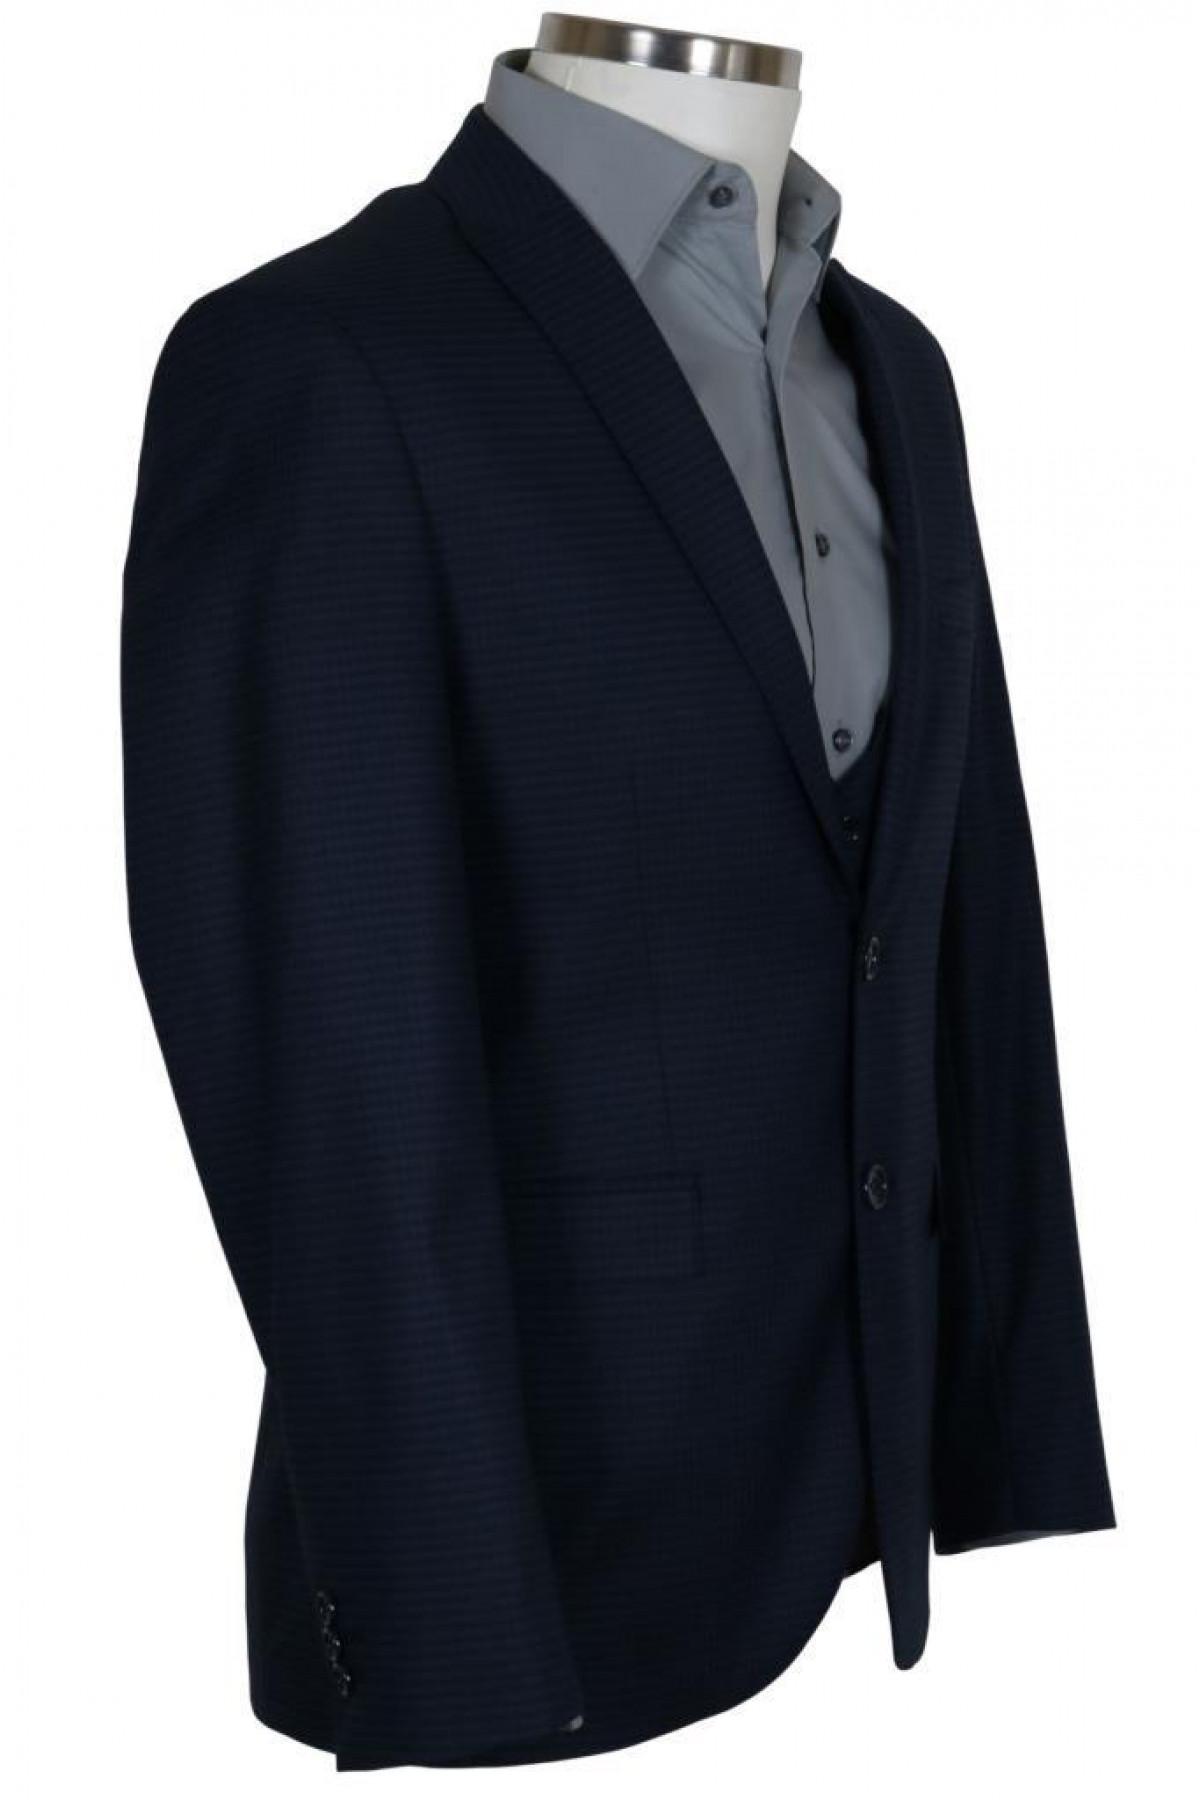 Erkek Takım Elbise Yelekli Dar Kesim RAR00696